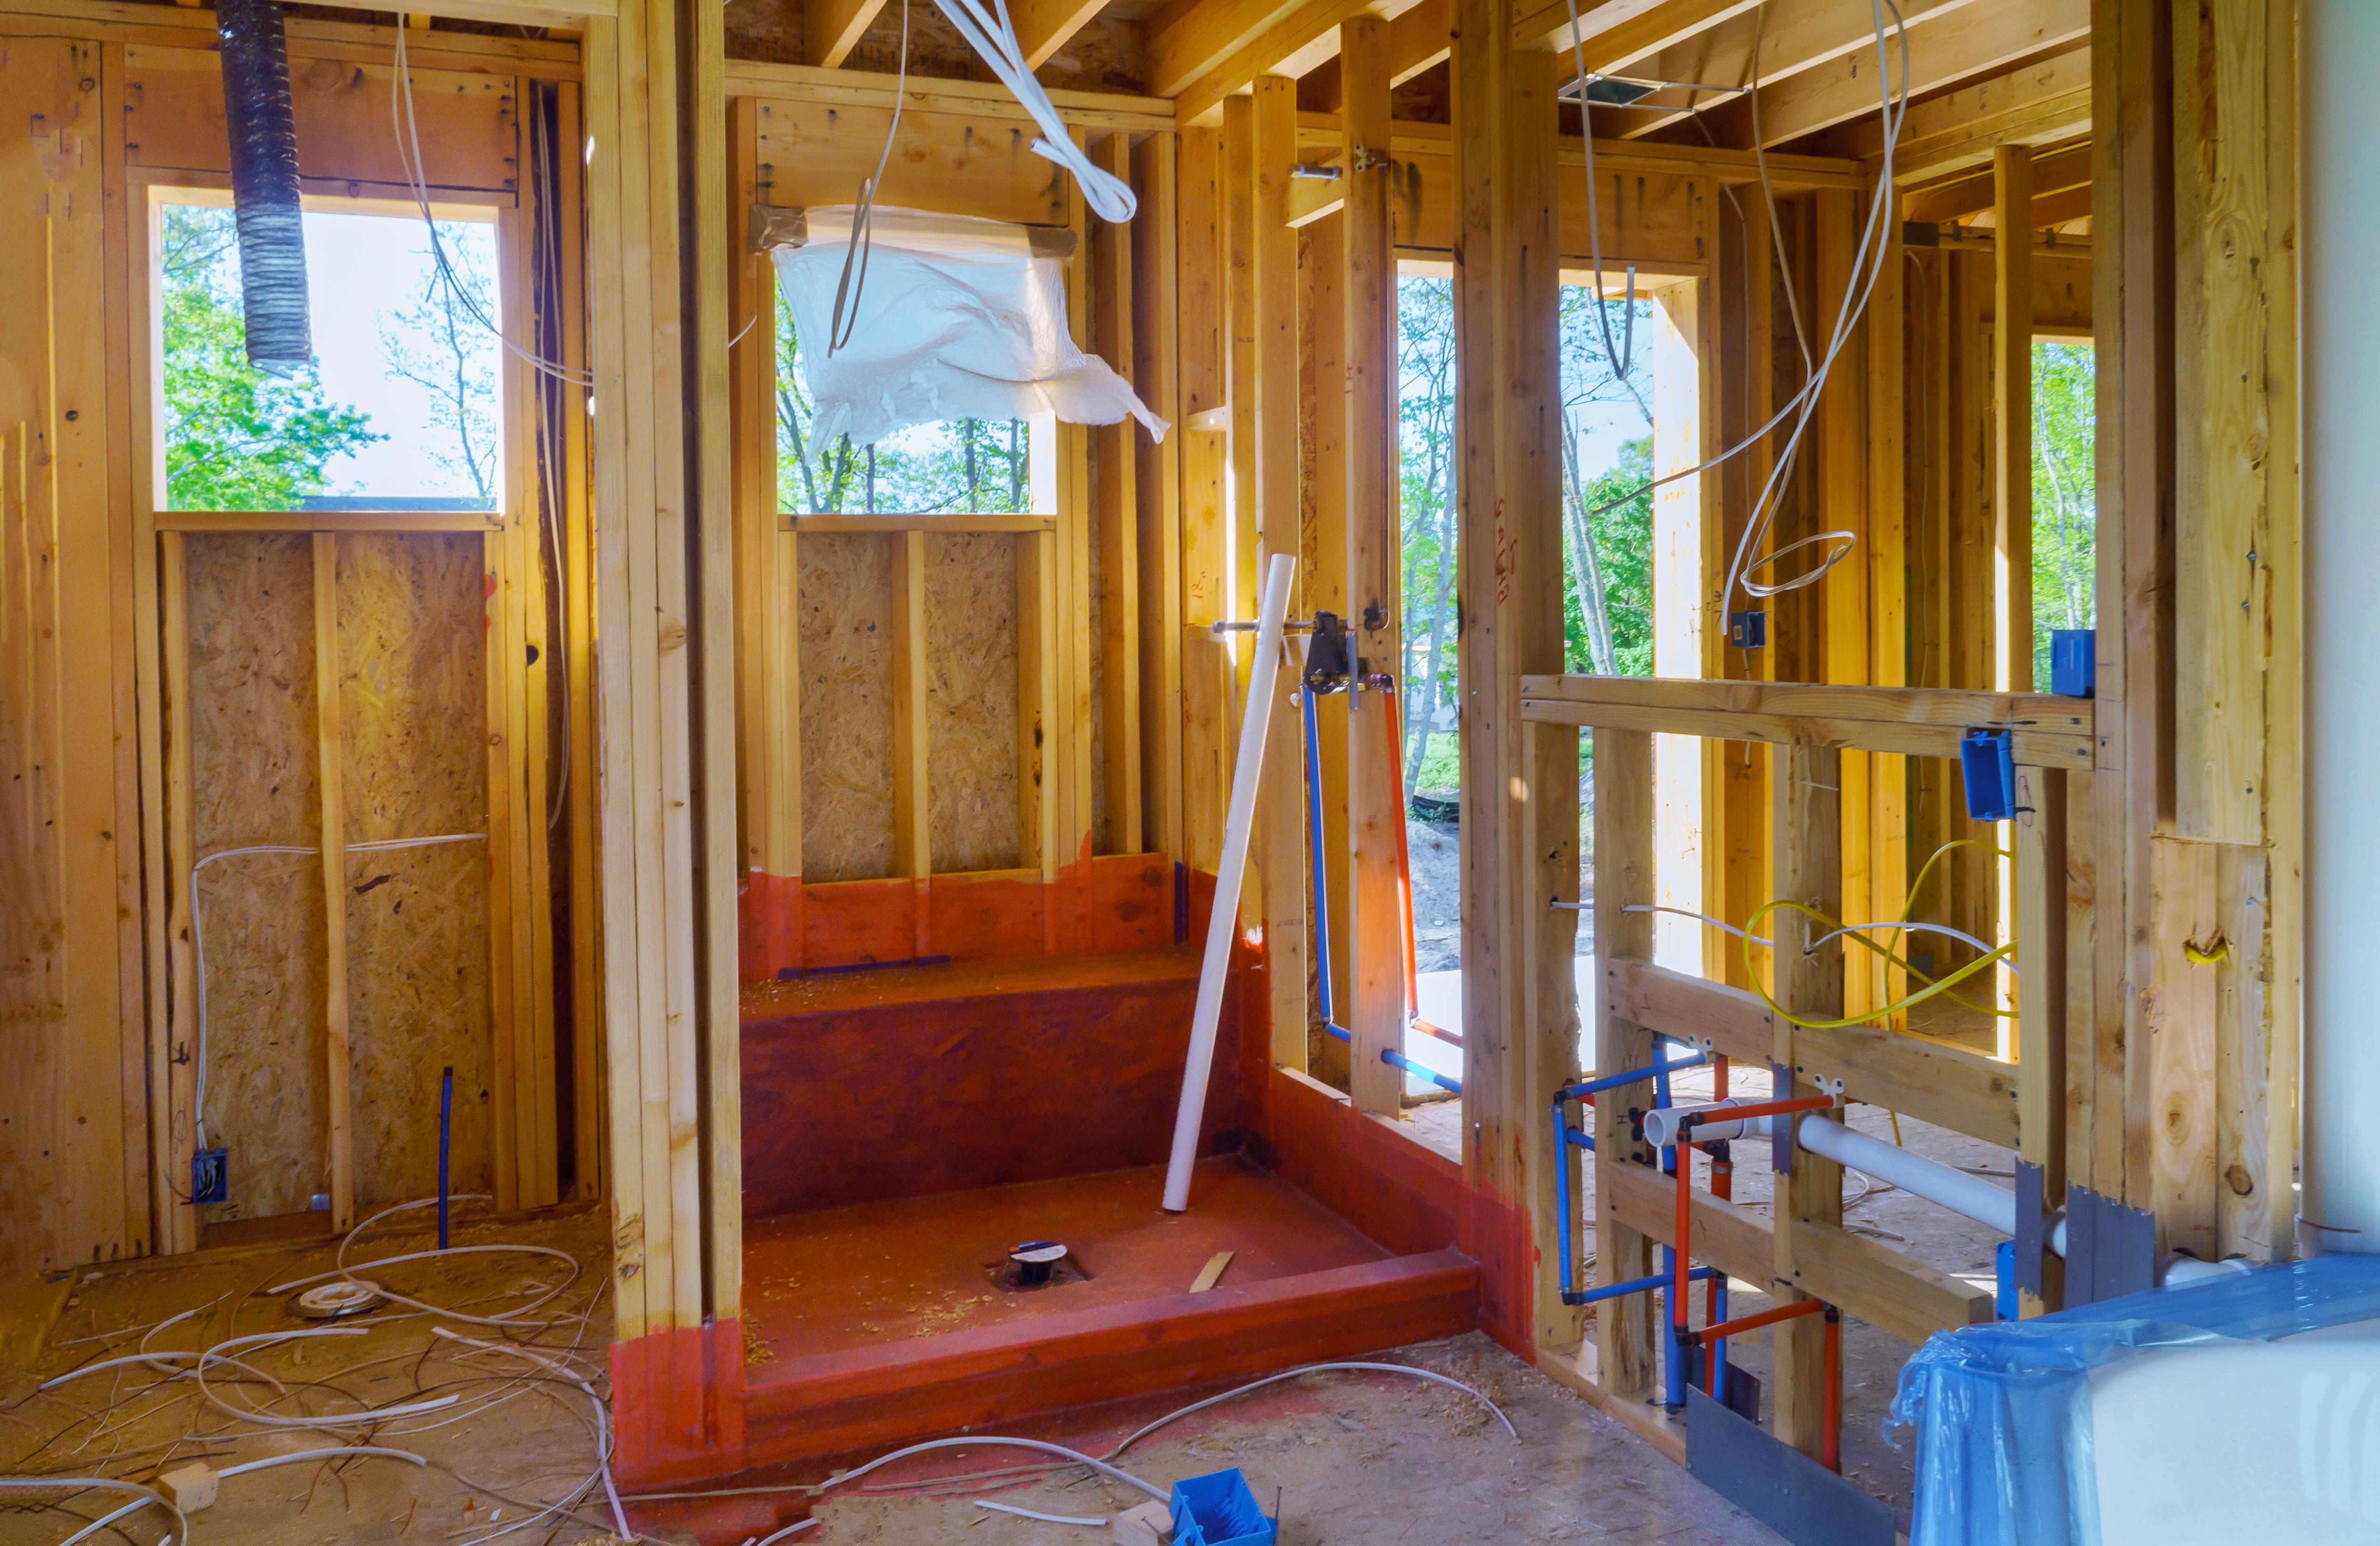 Bathroom shower under plumbing connectin